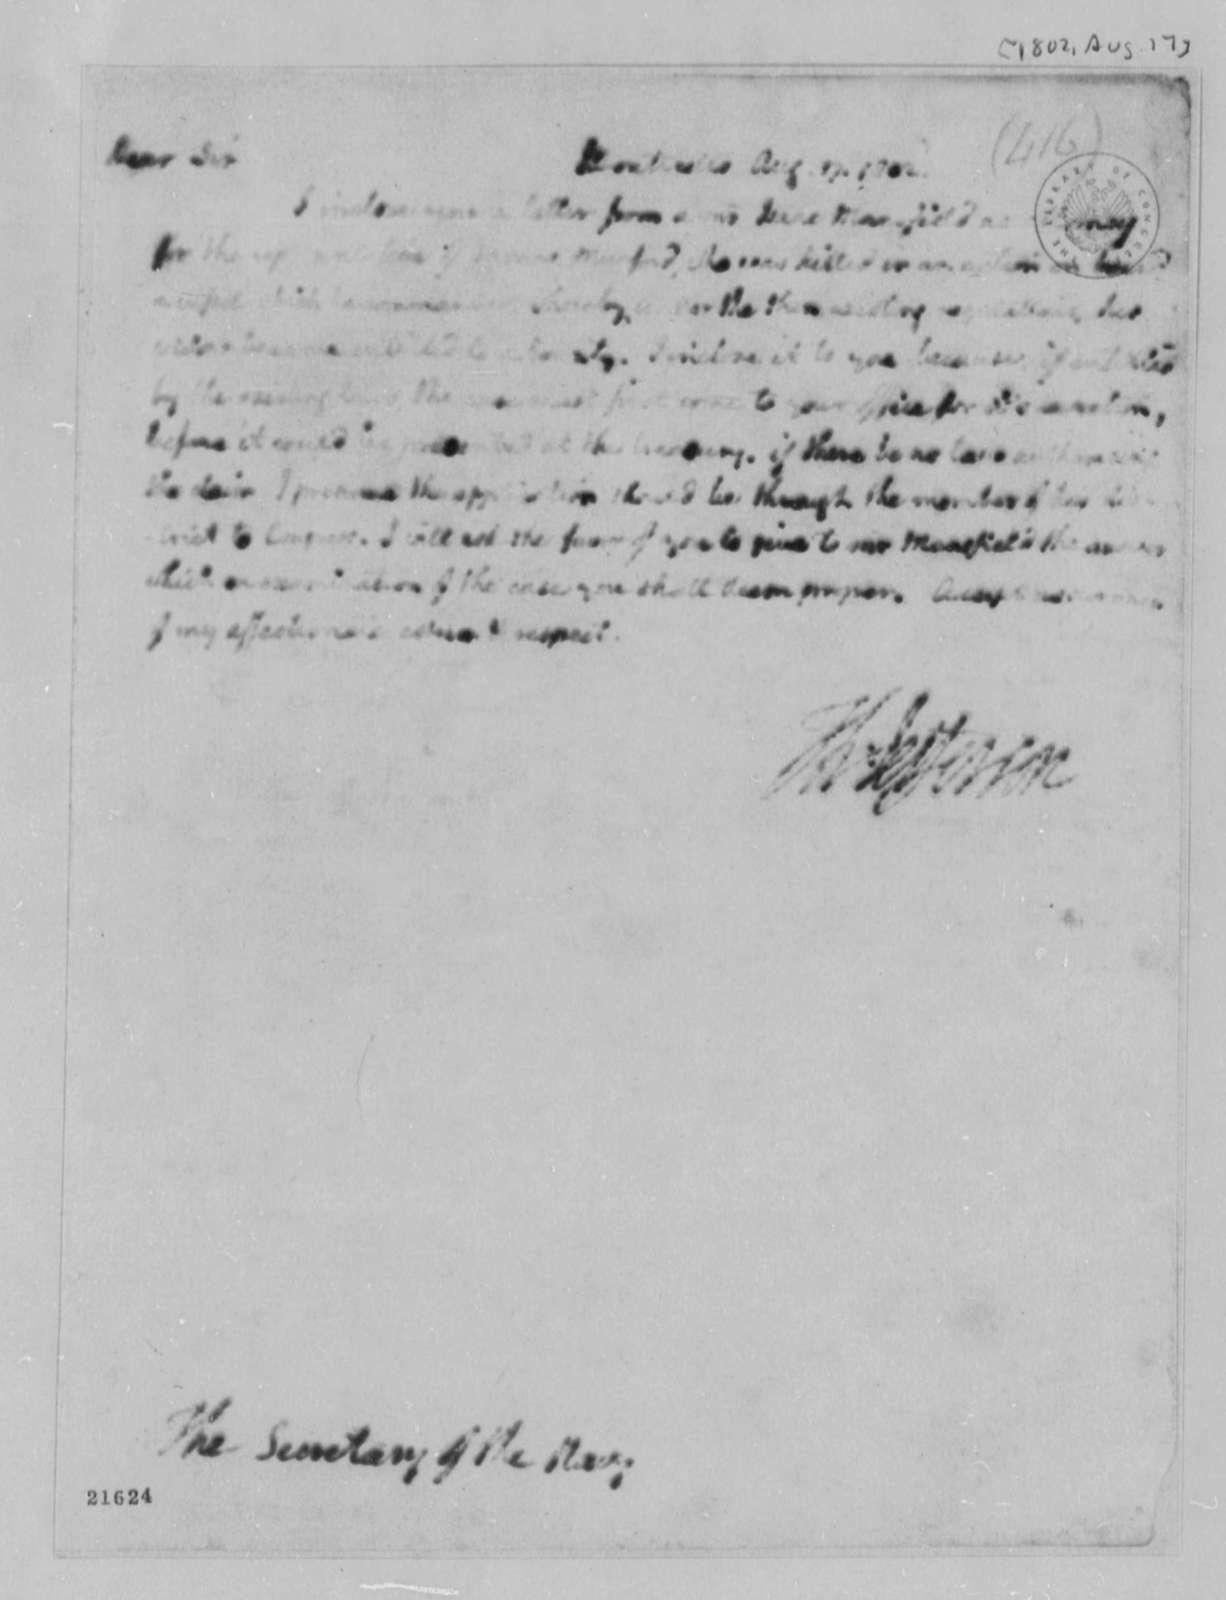 Thomas Jefferson to Robert Smith, August 17, 1802